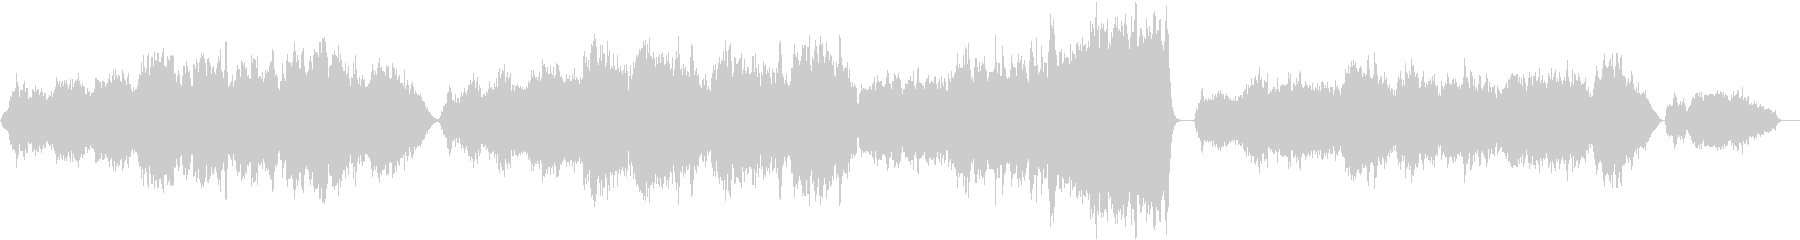 優しく、美しい、ストリングス アダージョの未再生の波形